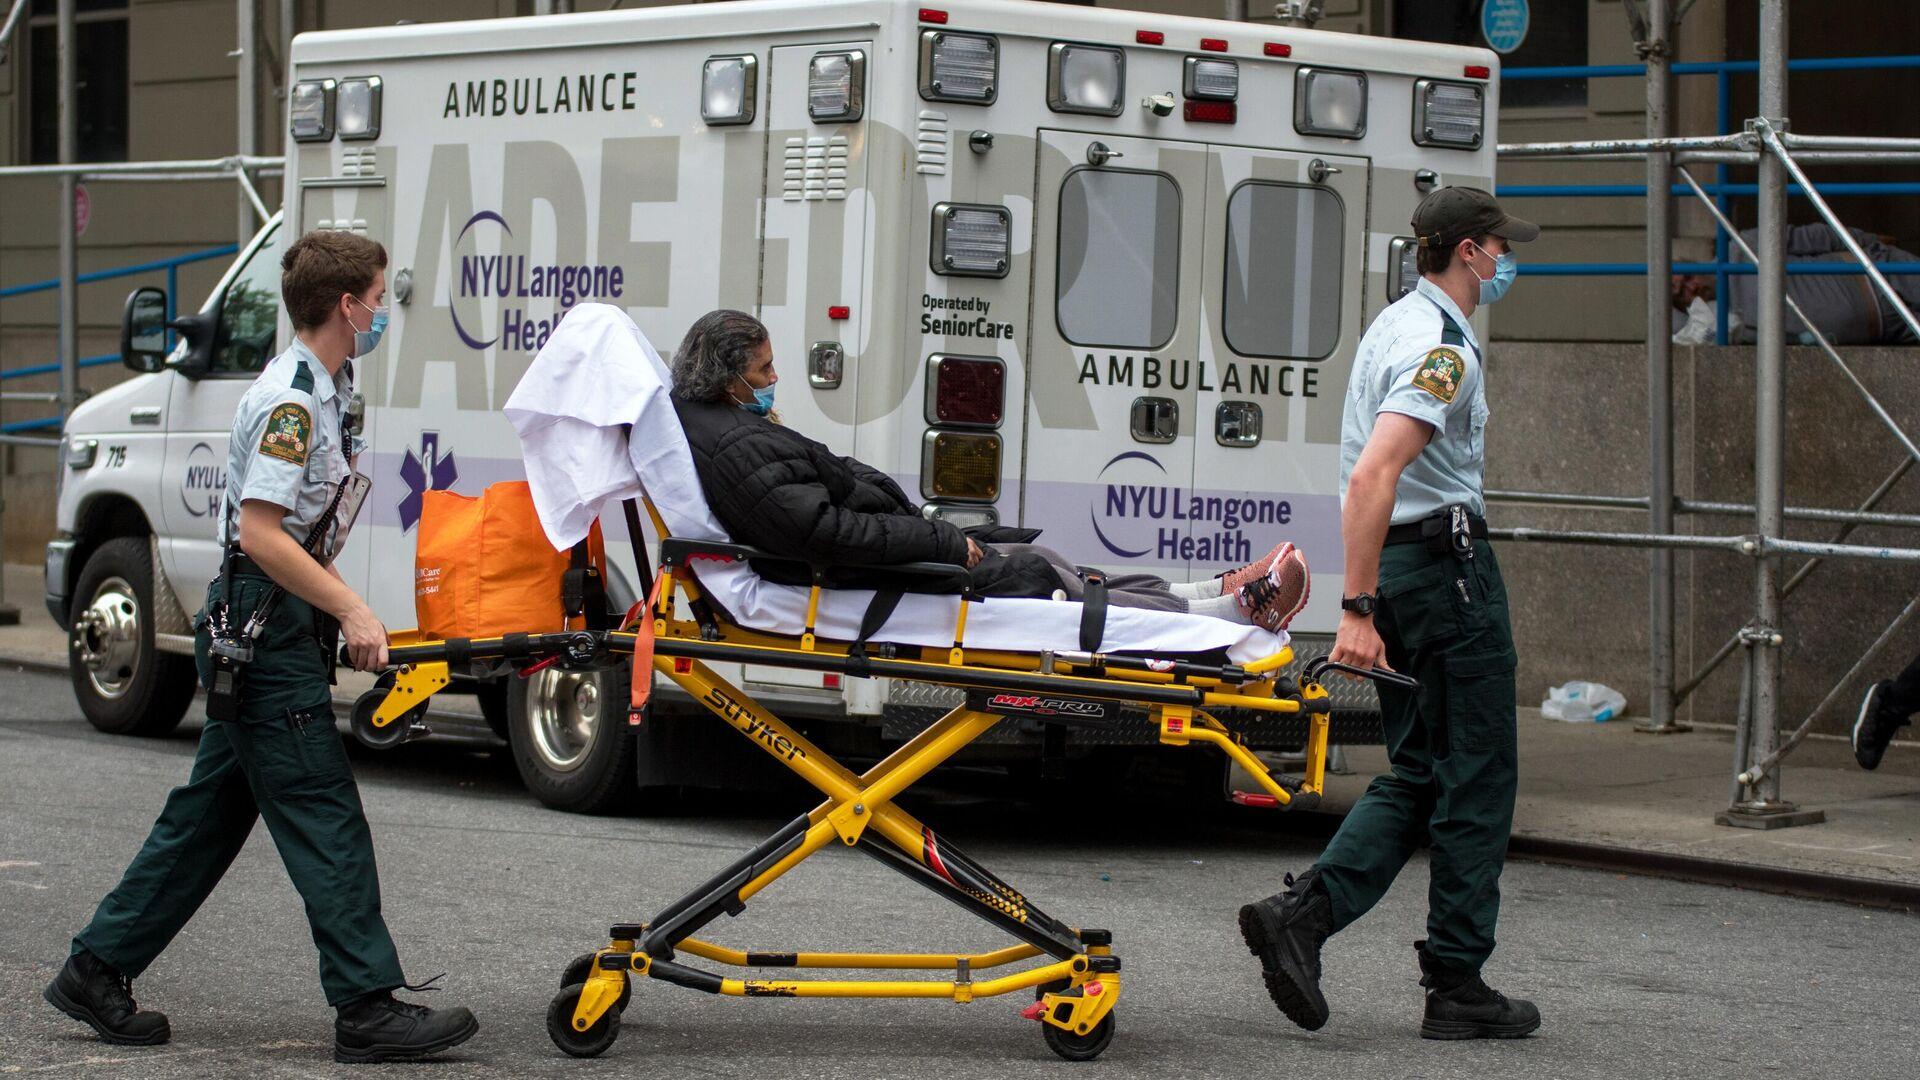 Медицинские работники доставили женщину в больницу на Манхэттене в Нью-Йорке - РИА Новости, 1920, 03.11.2020